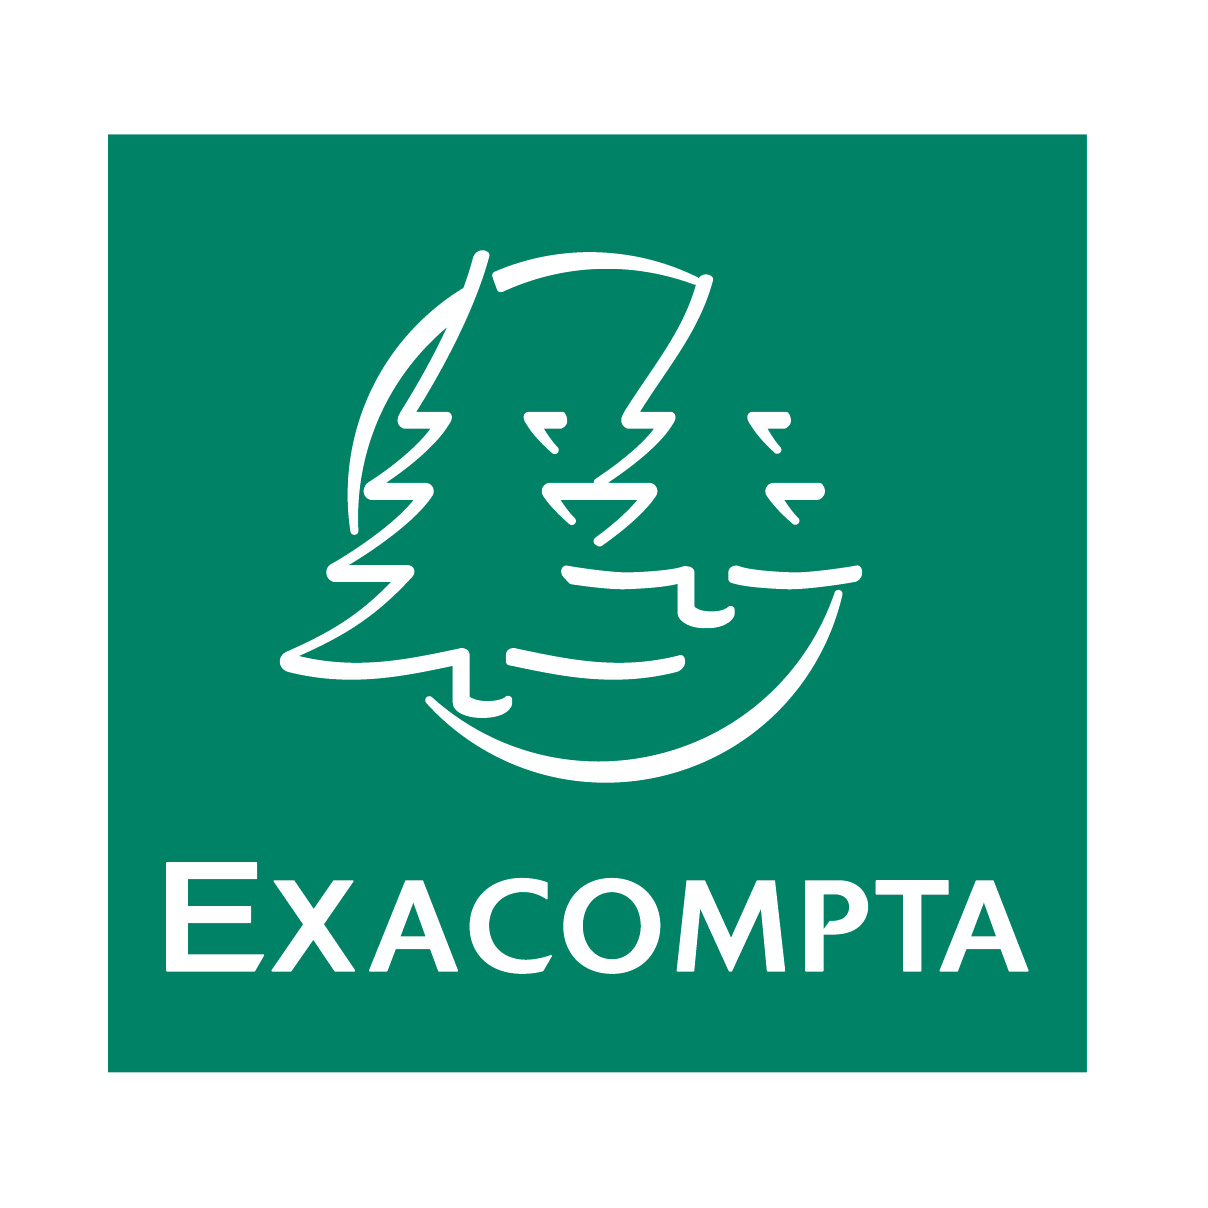 Exacompta